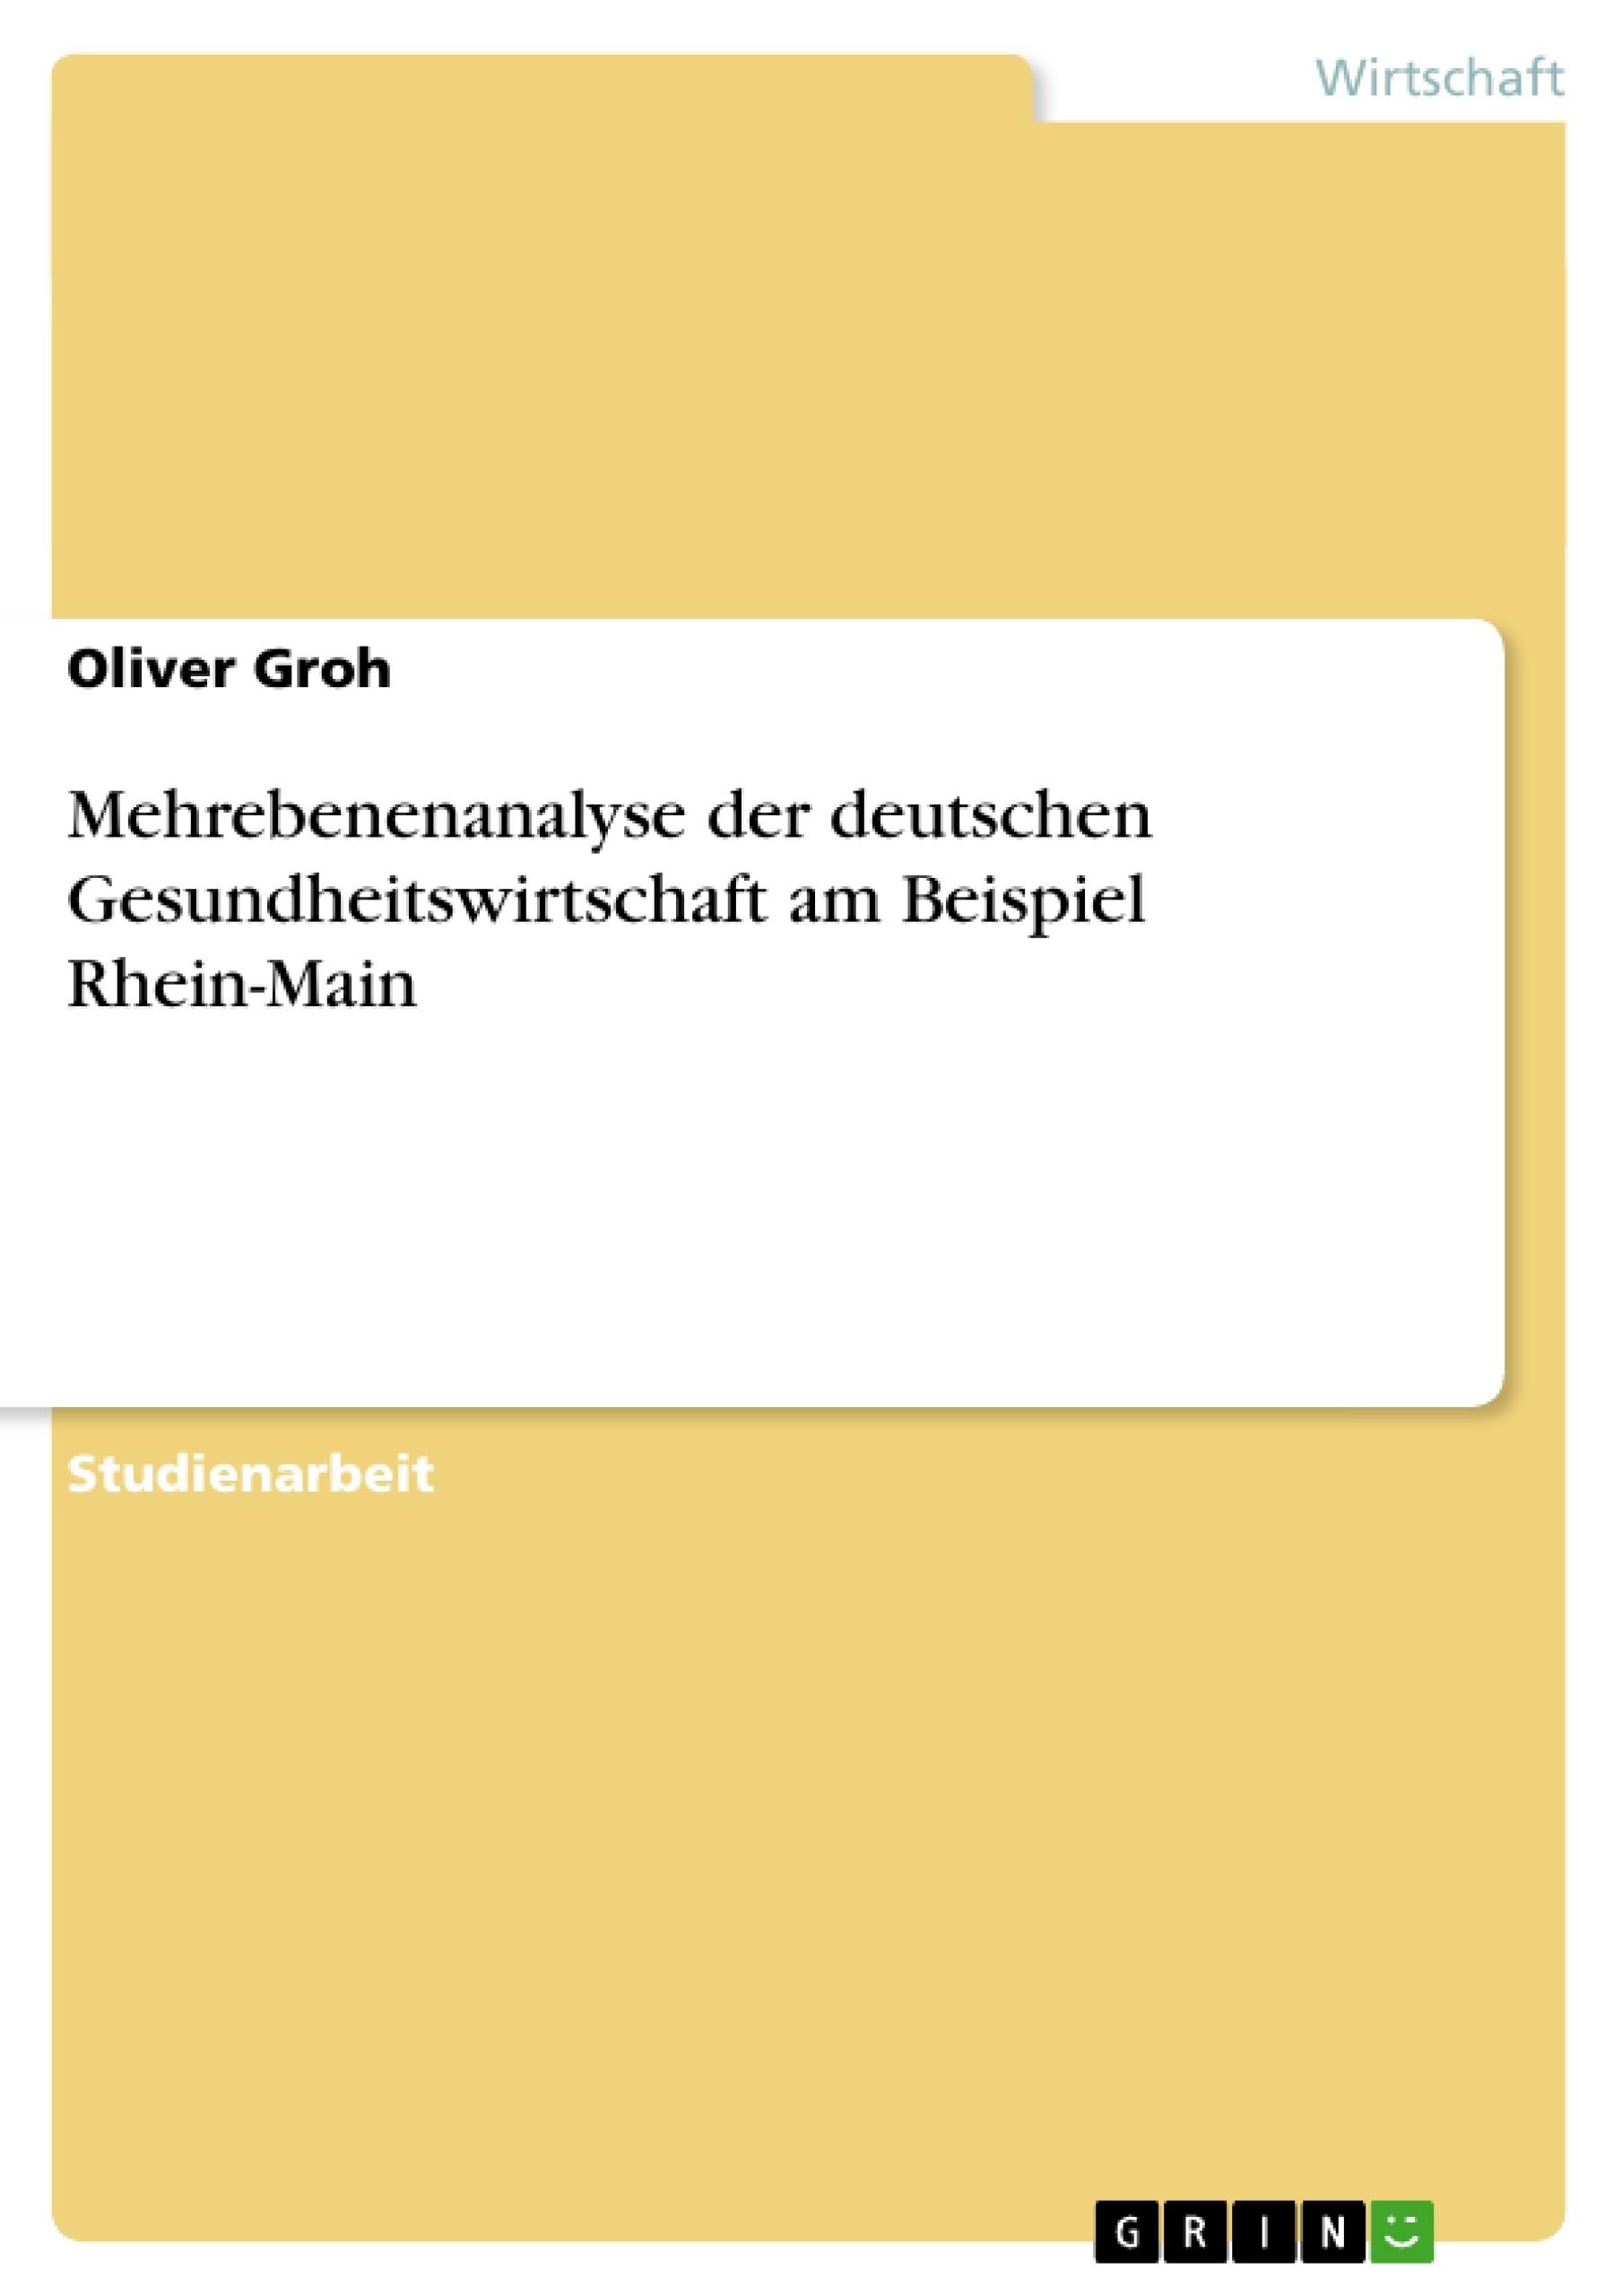 Titel: Mehrebenenanalyse der deutschen Gesundheitswirtschaft  am Beispiel Rhein-Main